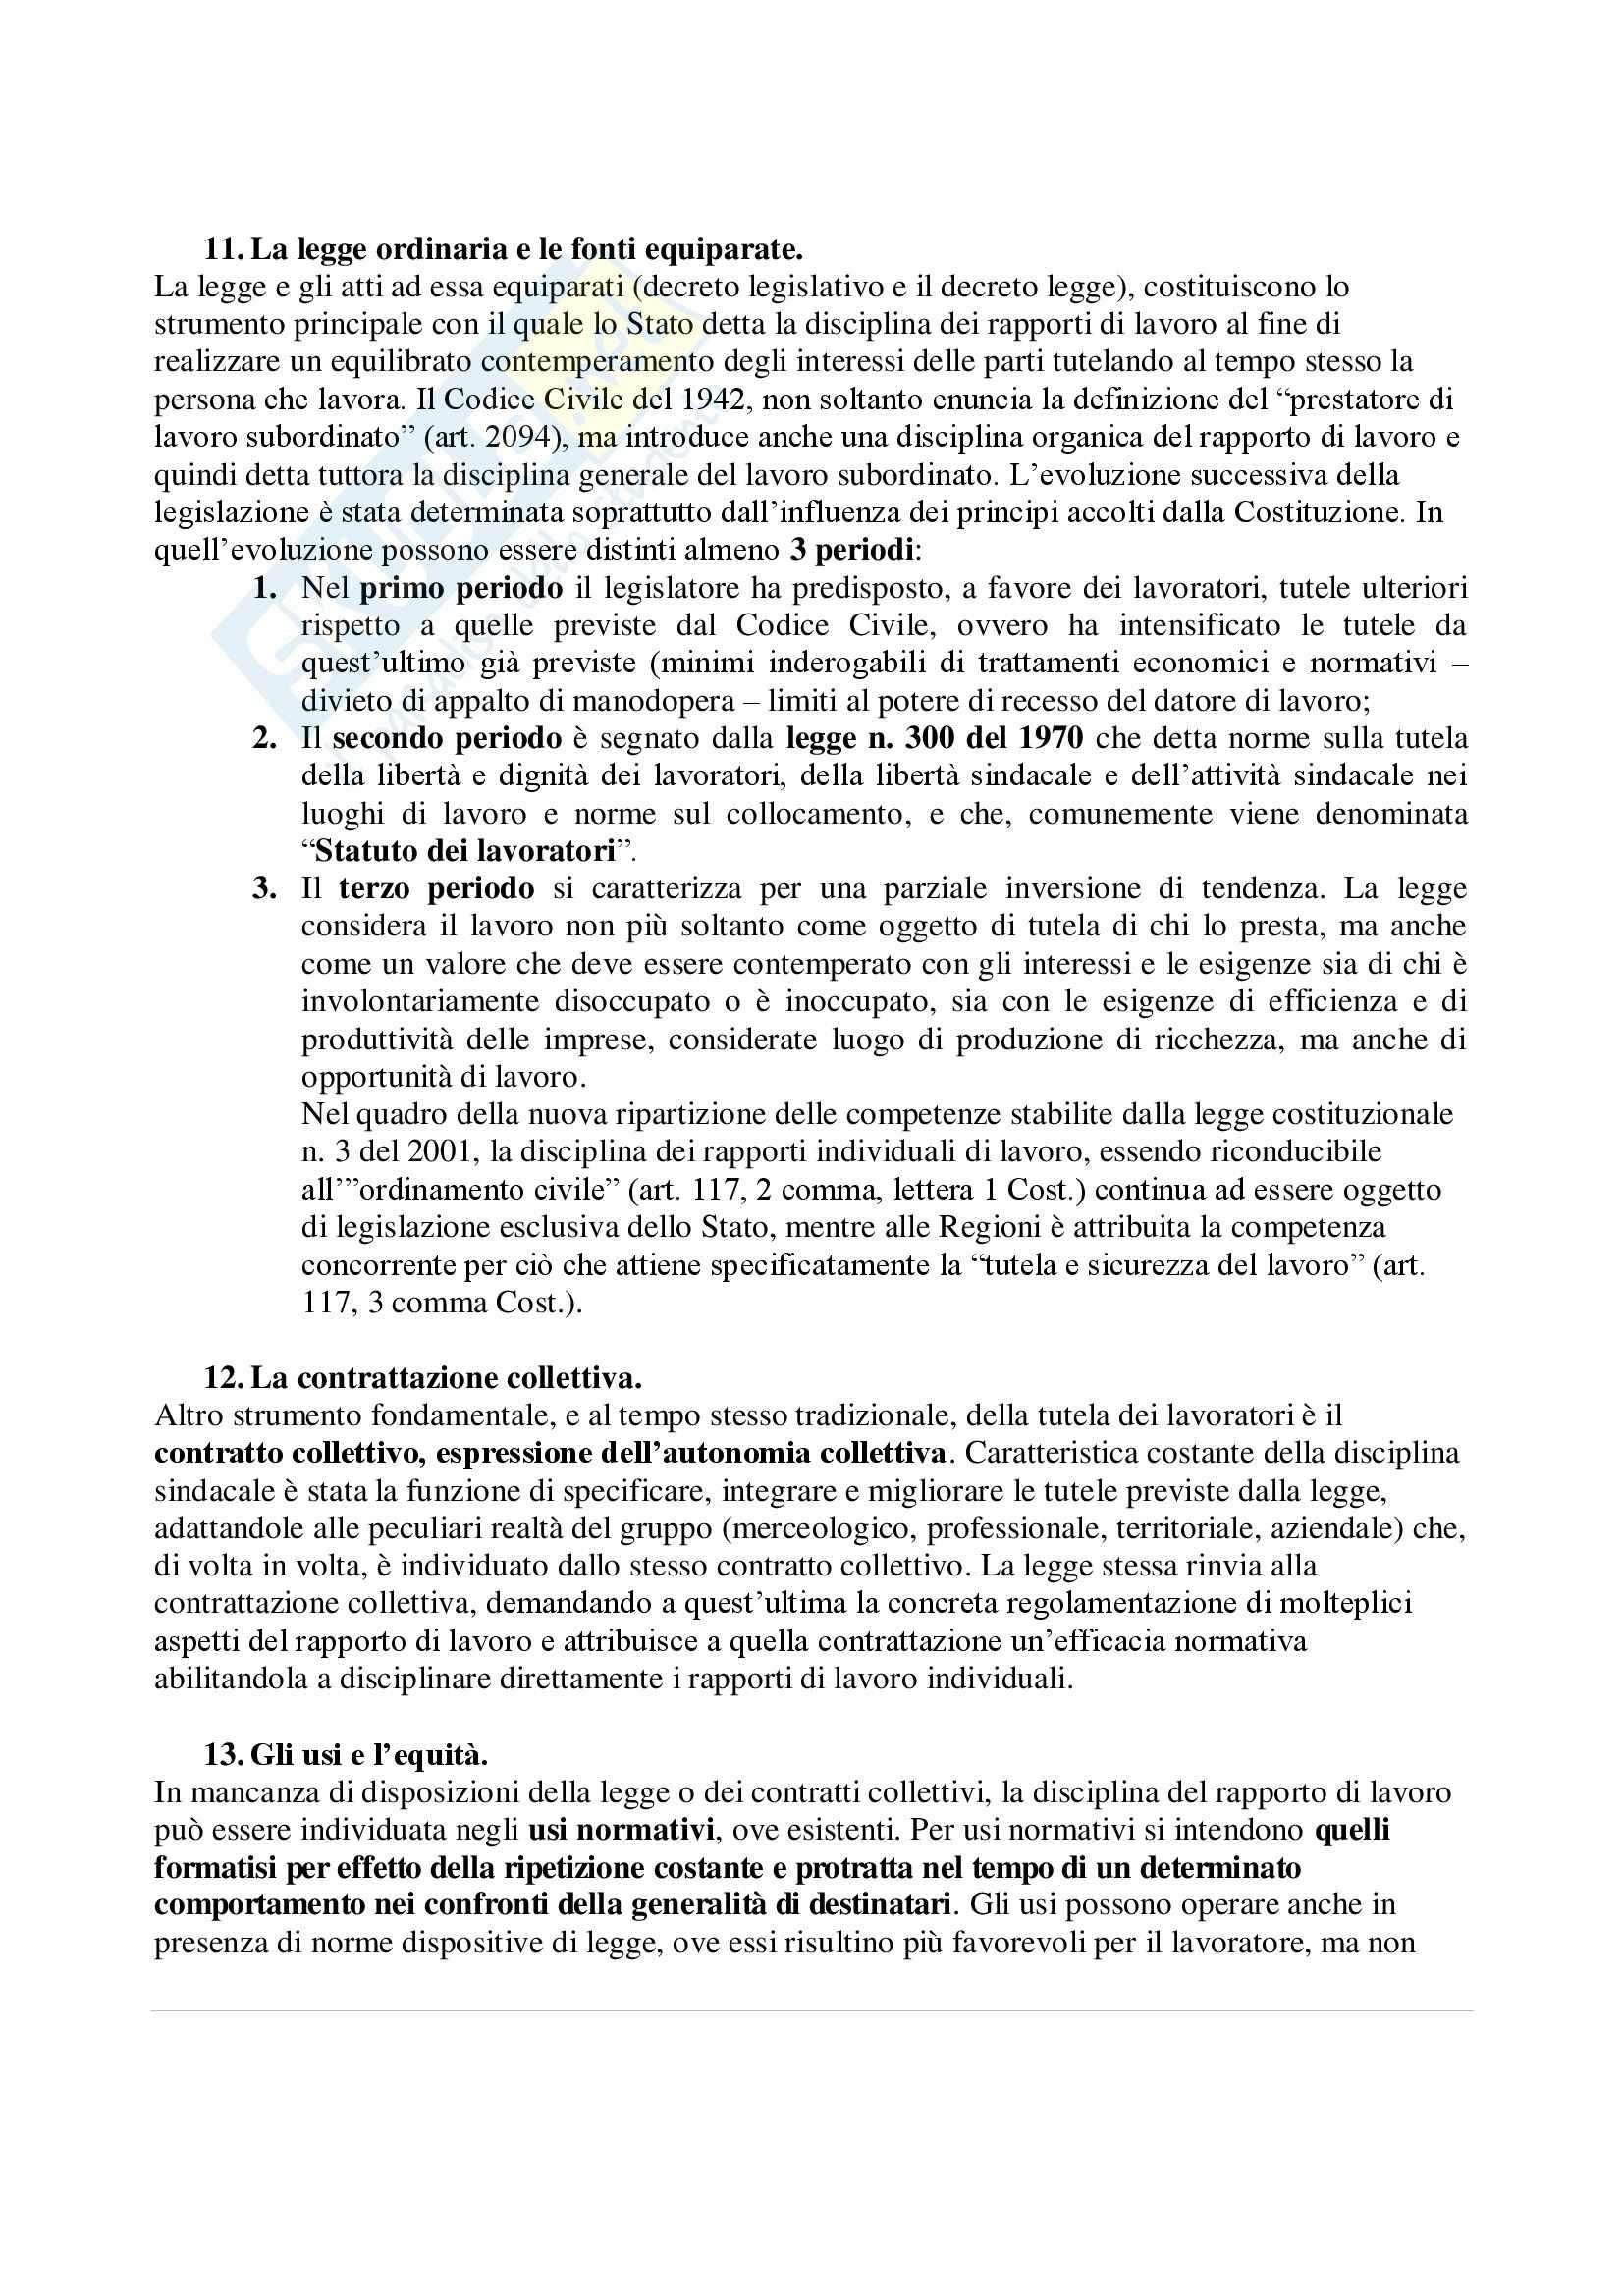 Riassunto esame Diritto del Lavoro, prof. Persiani Pag. 6